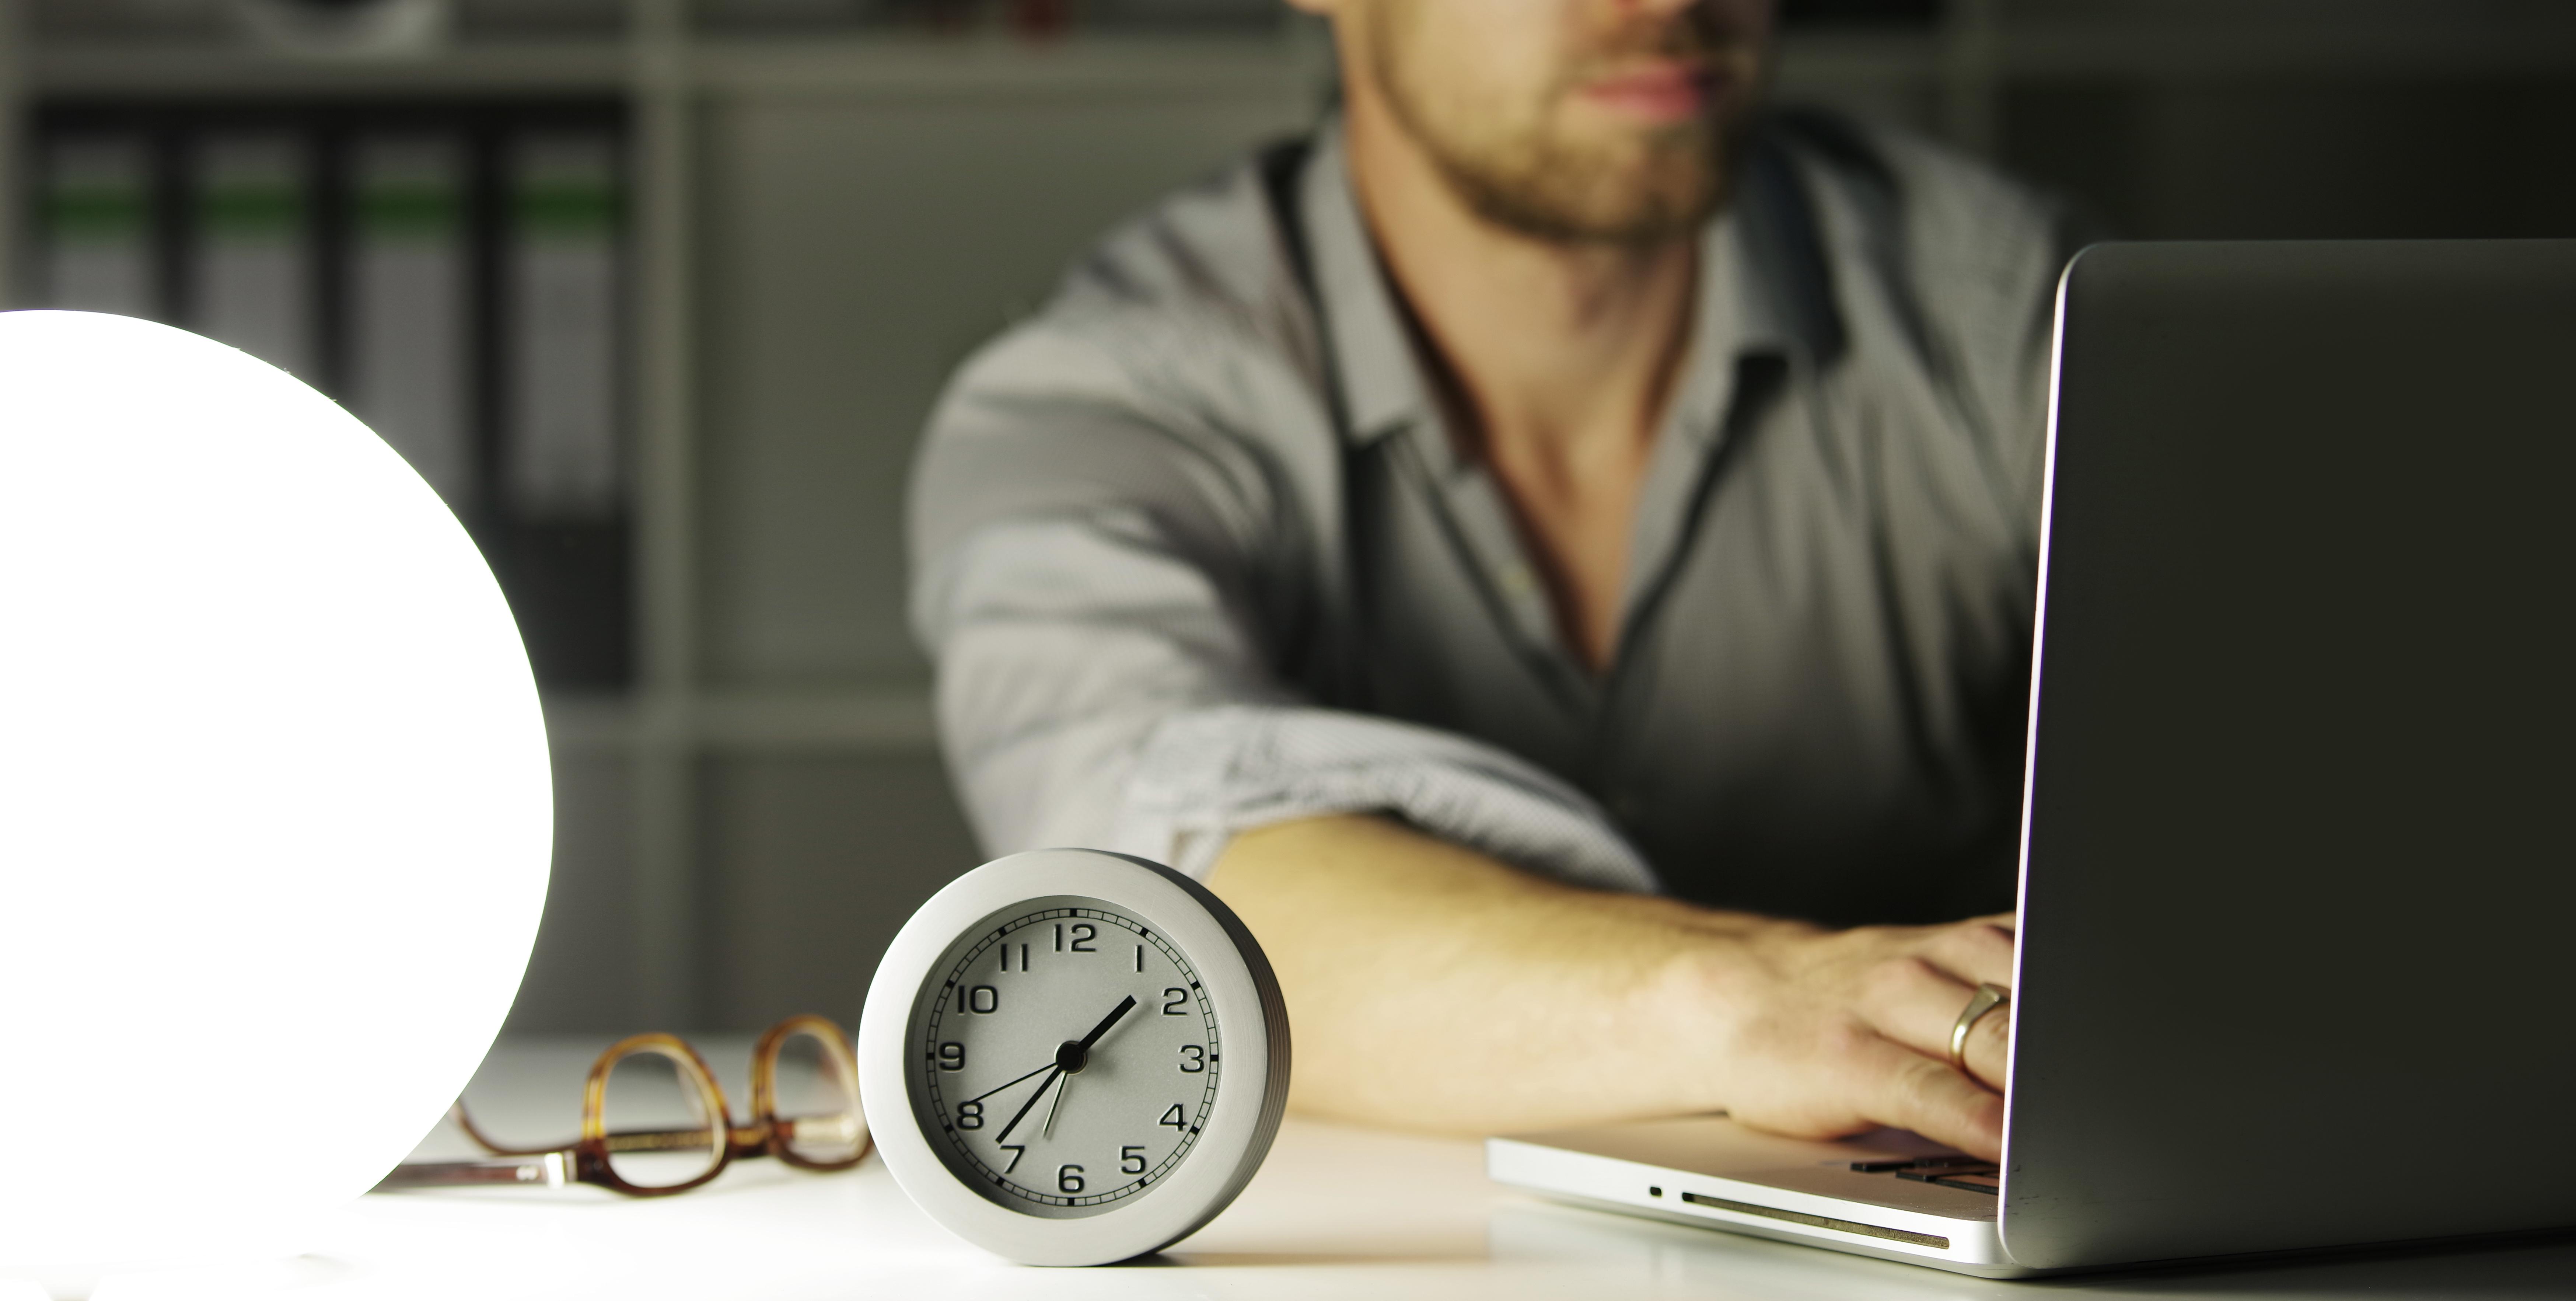 Сверхурочная работа и ненормированный рабочий день